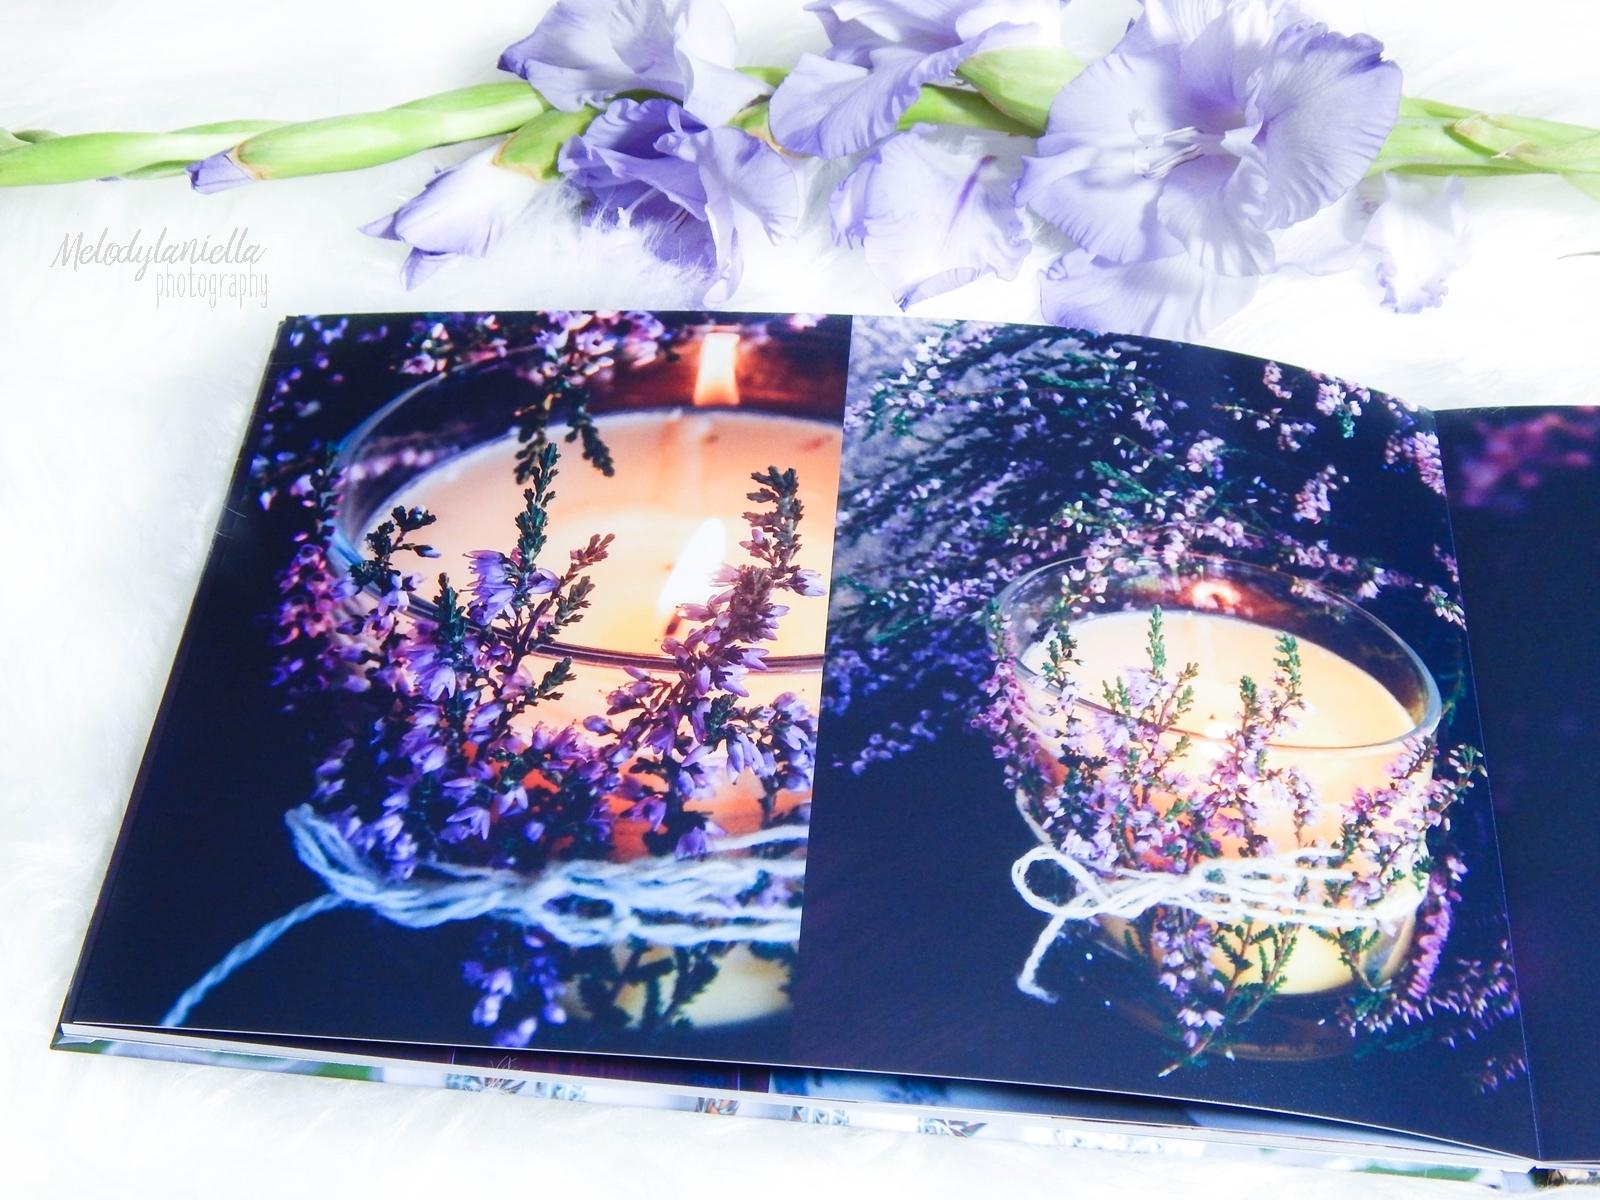 saal digital fotoksiązka recenzja melodylaniella blog pomysl na prezent fotografia fotograficzne prezenty .JPG makra kwiaty